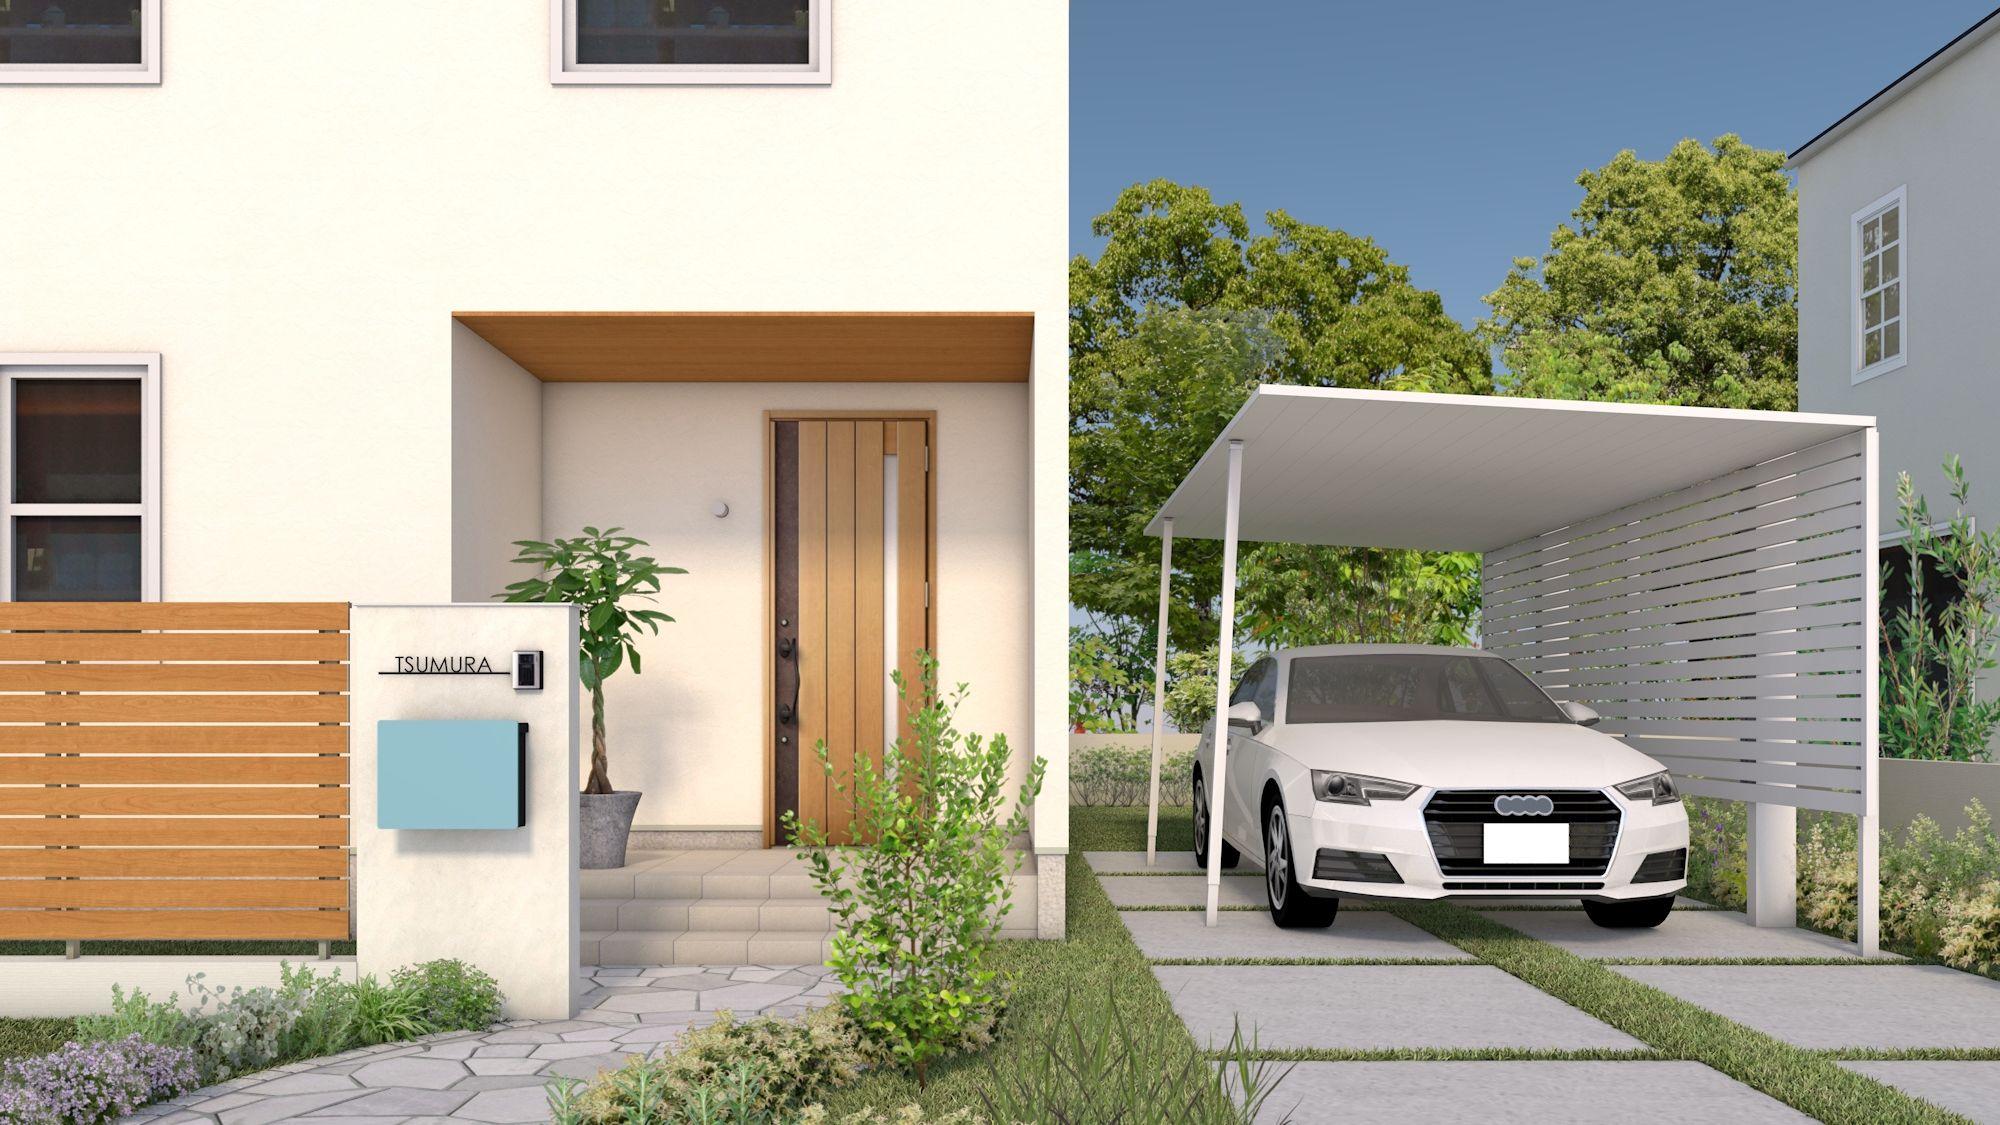 北欧テイストの住宅を引き立てる ひとつ上の心地よさを 現代建築の住宅 マイホーム 外観 住宅